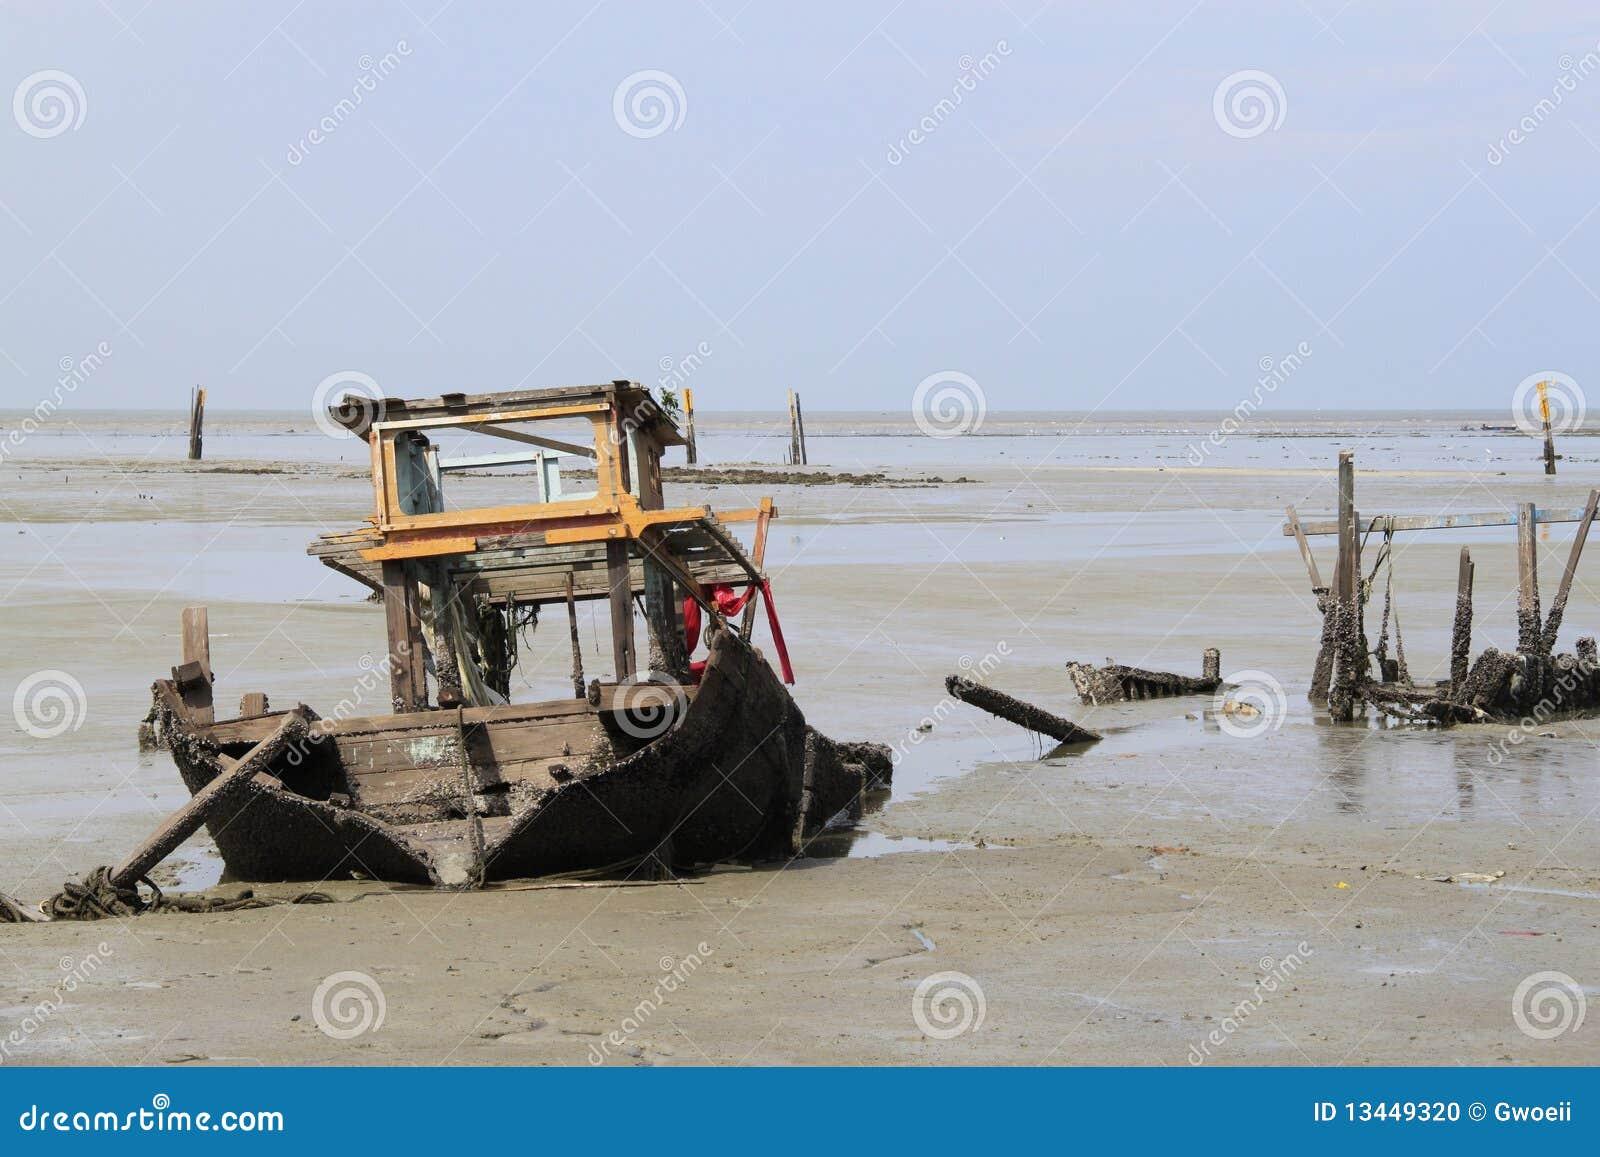 imagen tsunami 2004: